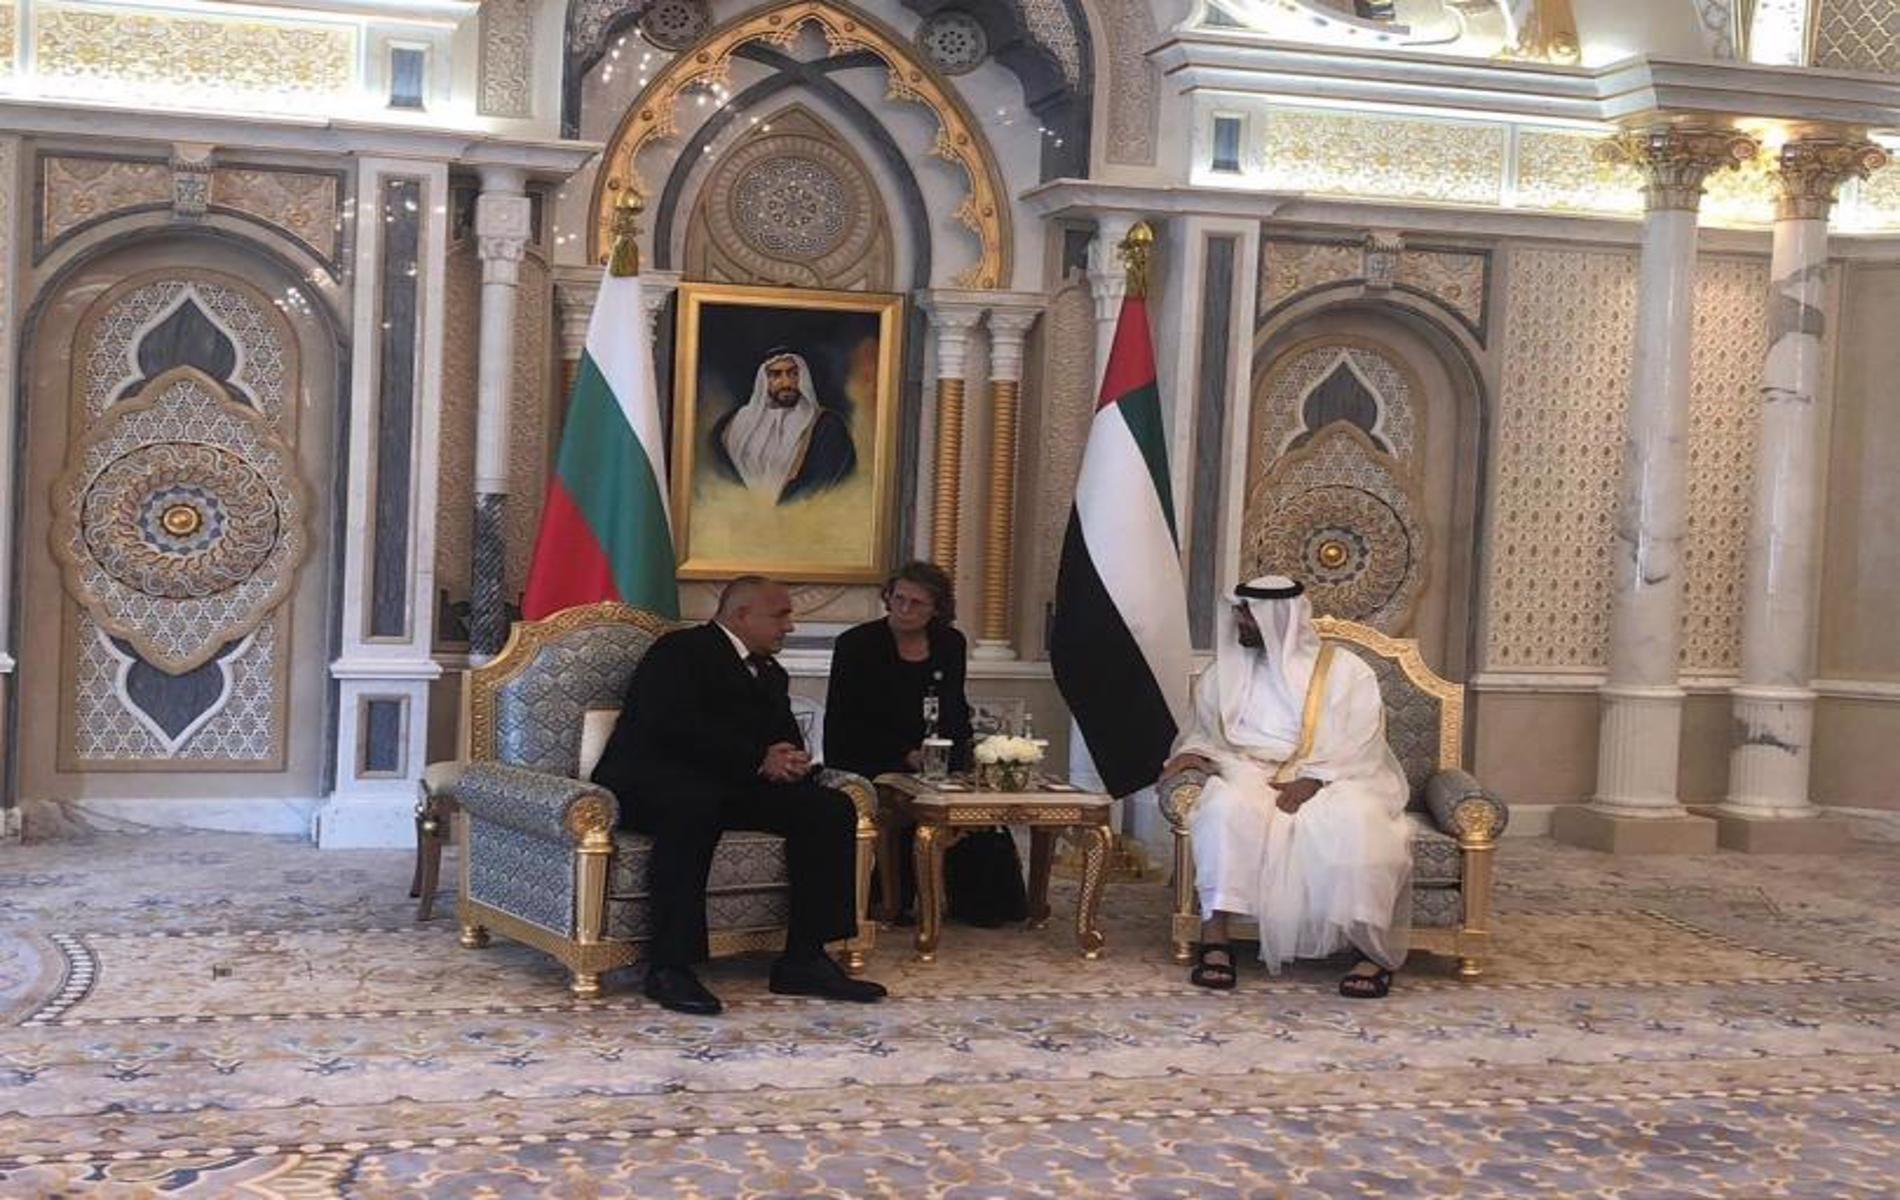 Премиерът се срещна с престолонаследника на Абу Даби и заместник-върховен главнокомандващ въоръжените сили на ОАЕ шейх Мохамед бин Зайед ал Нахаян